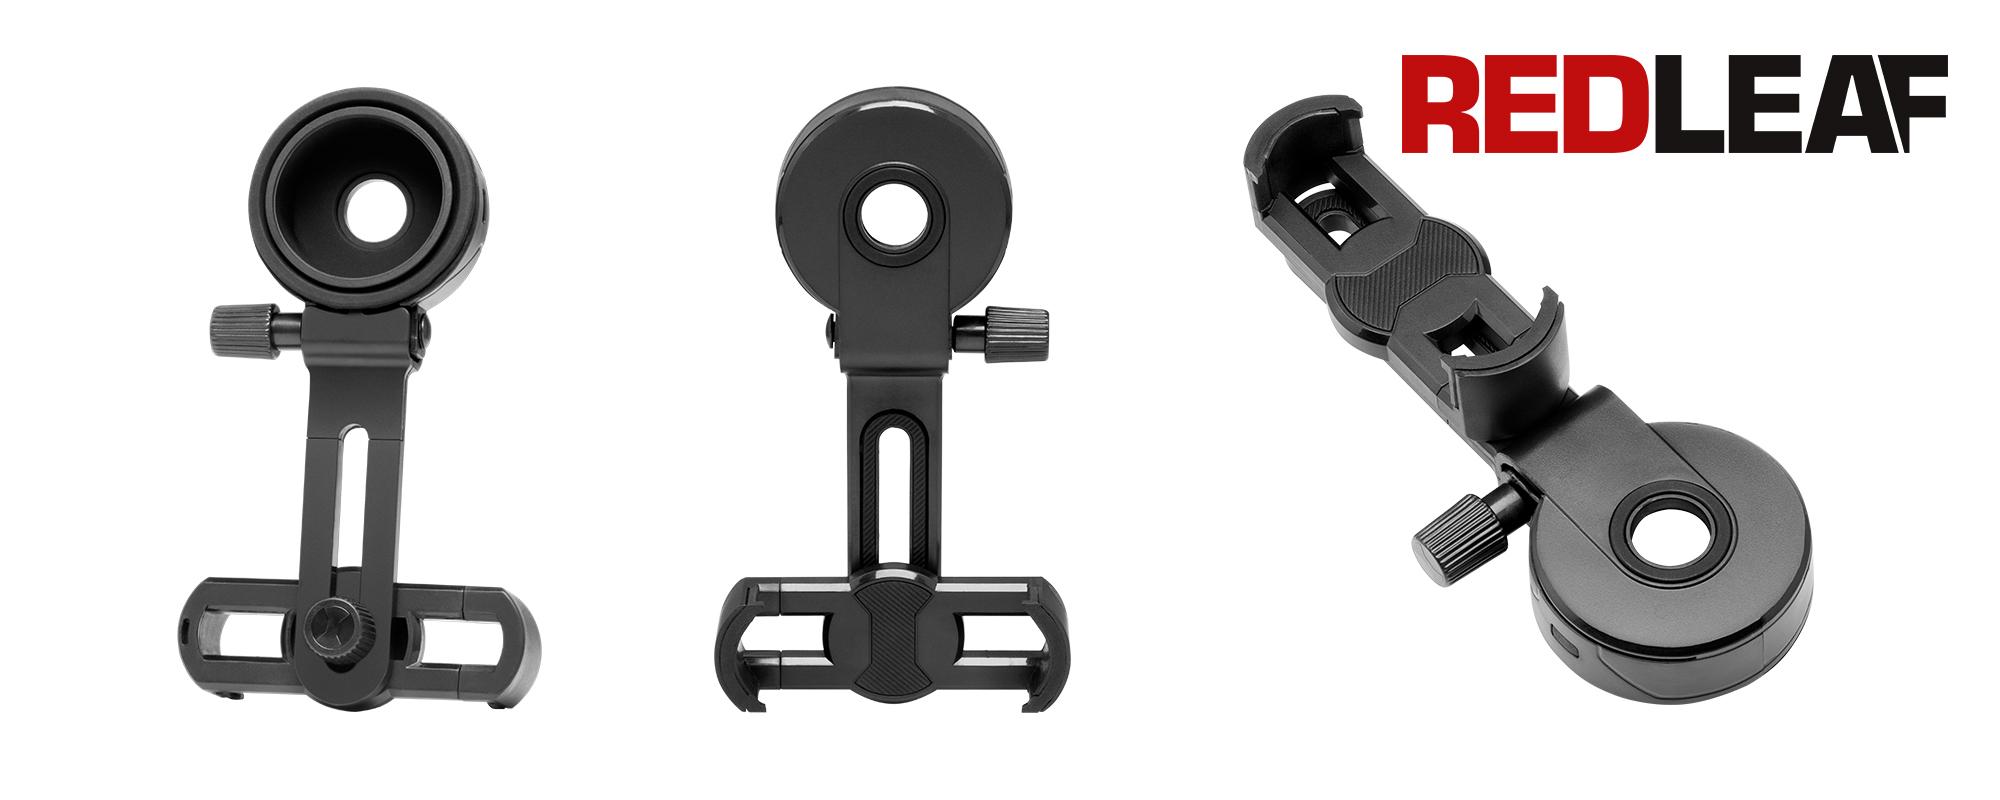 Grafika - Adapter Redleaf SOM-2 do montażu smartfonów na lunetach, teleskopach i mikroskopach_04.jpg